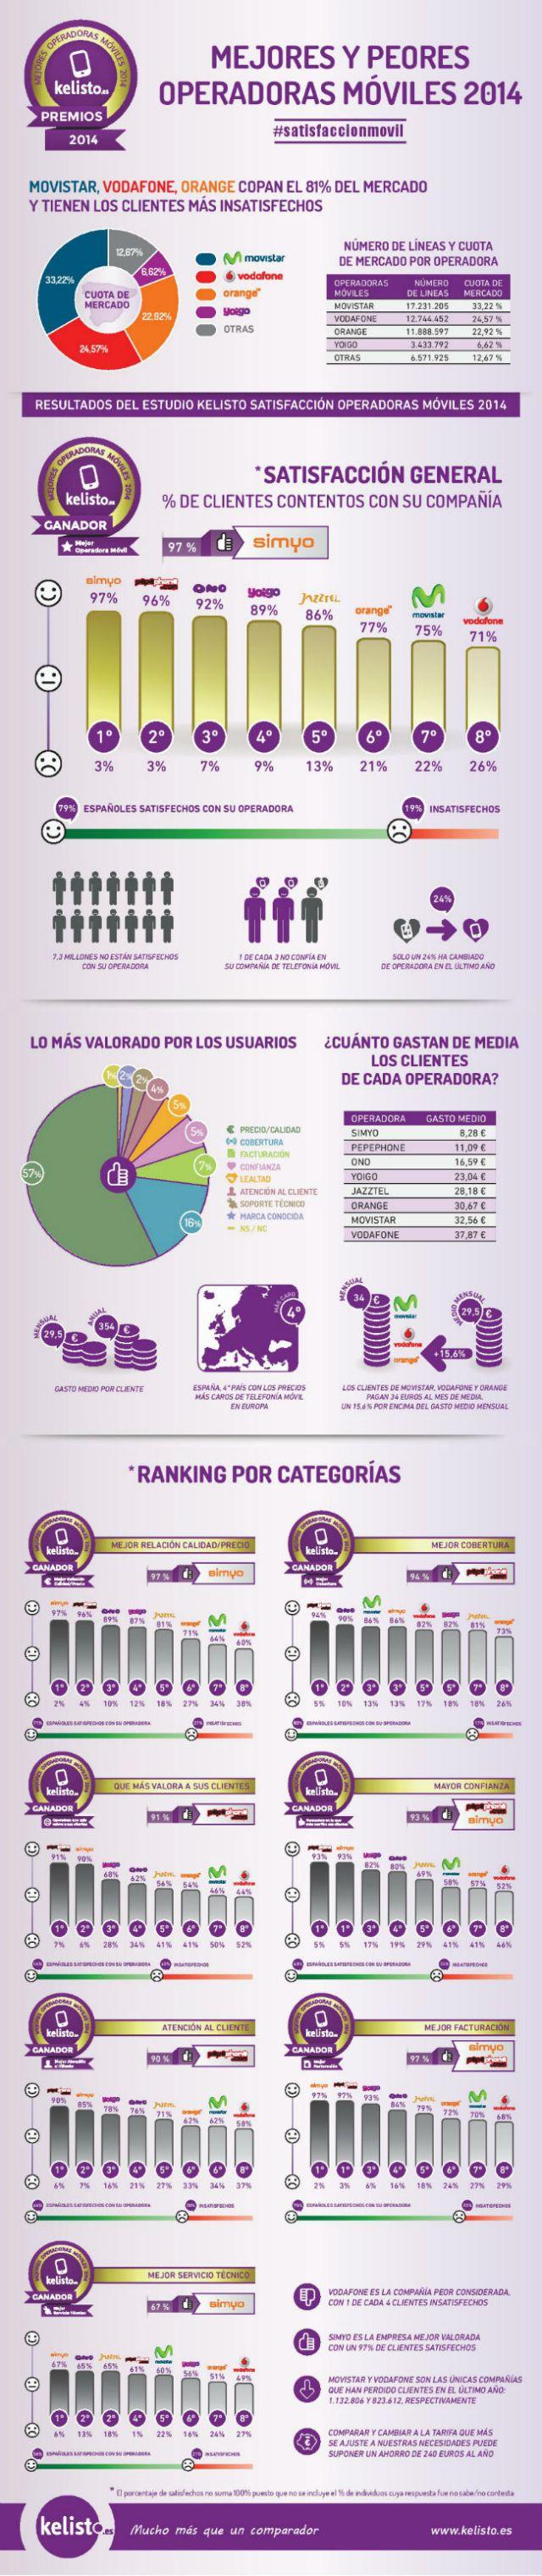 Mejores y peores operadores de telefonía móvil en España